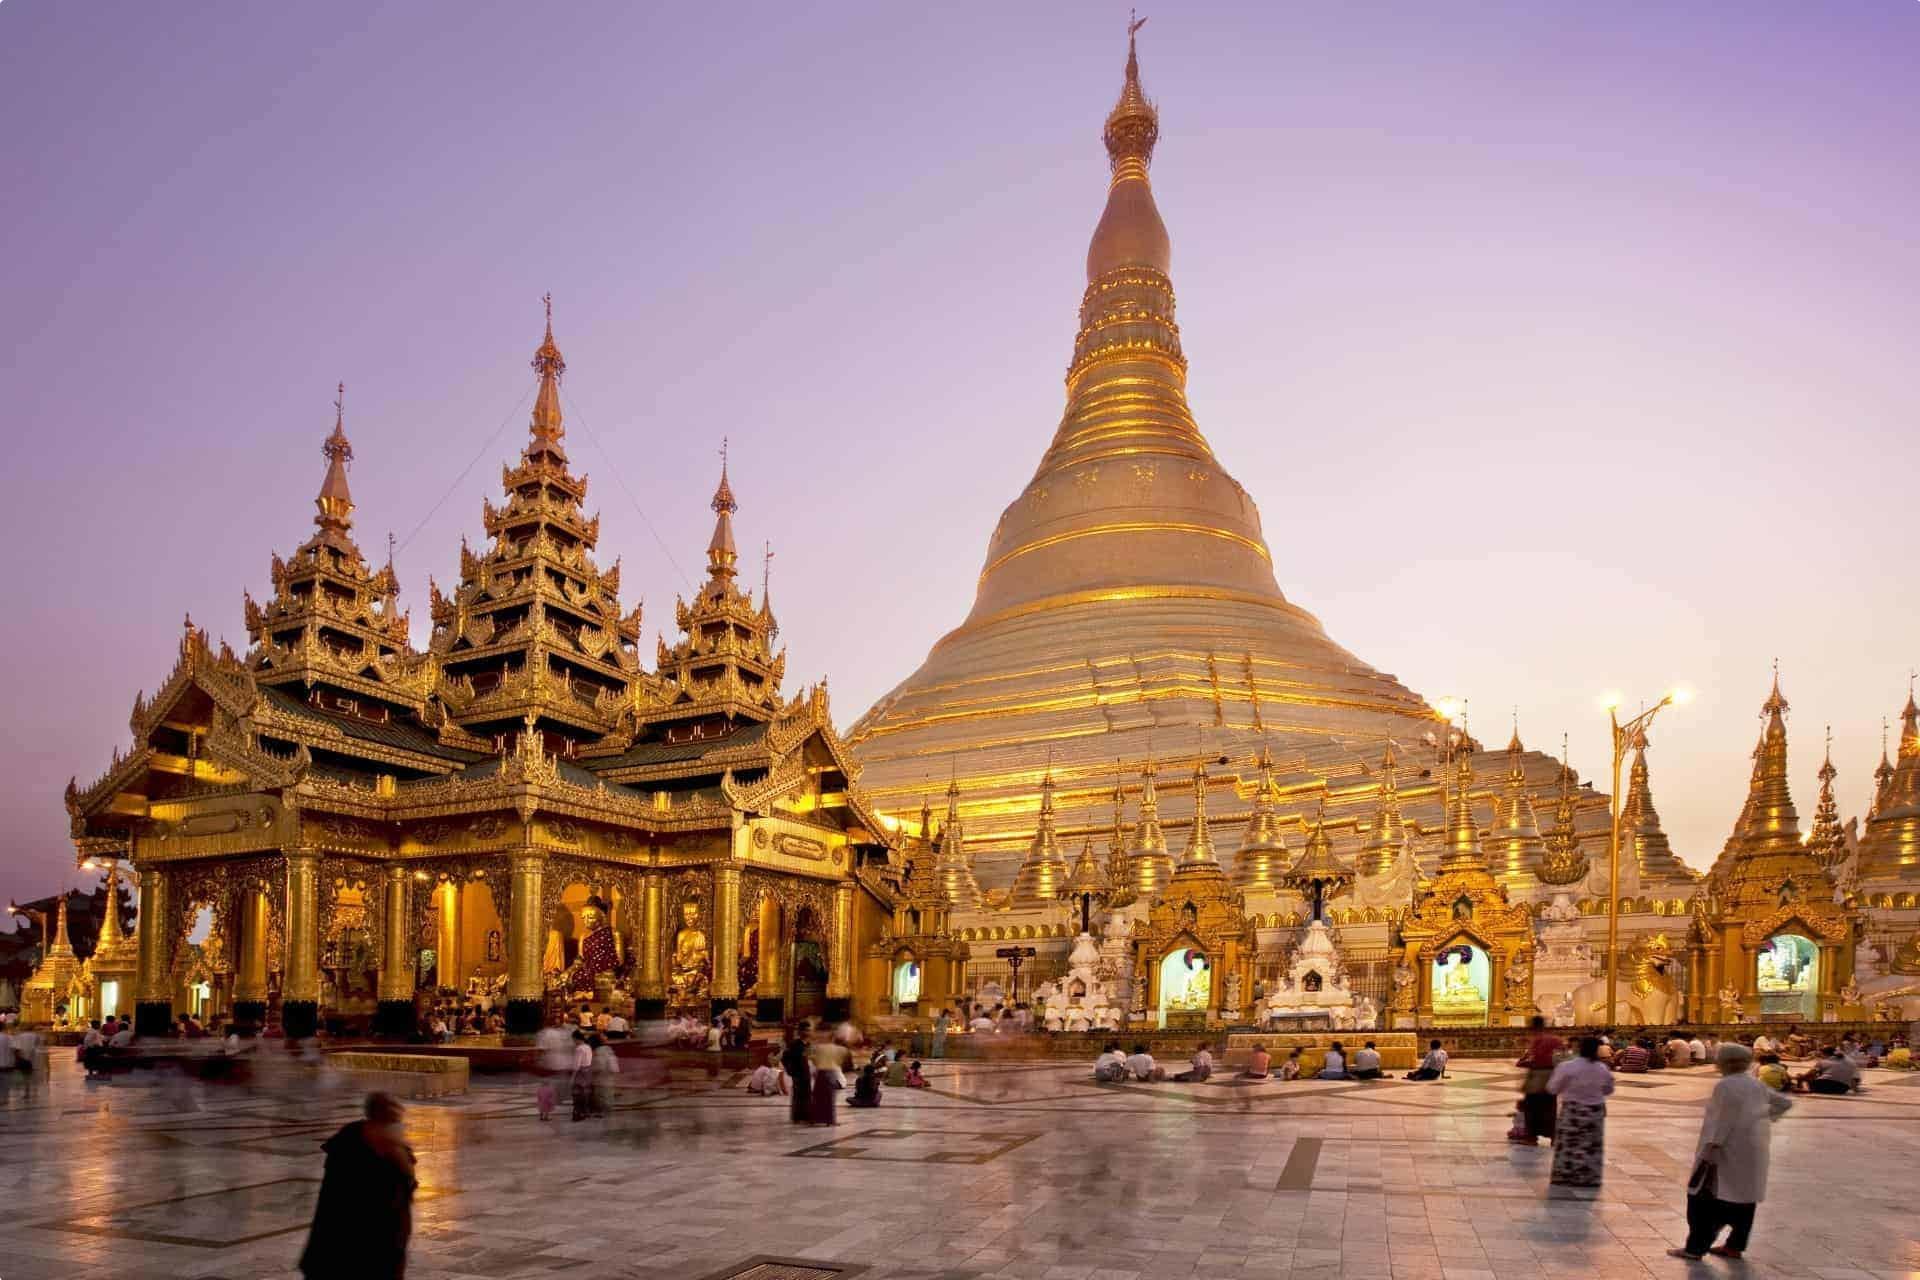 shwedagon paya (pagoda)